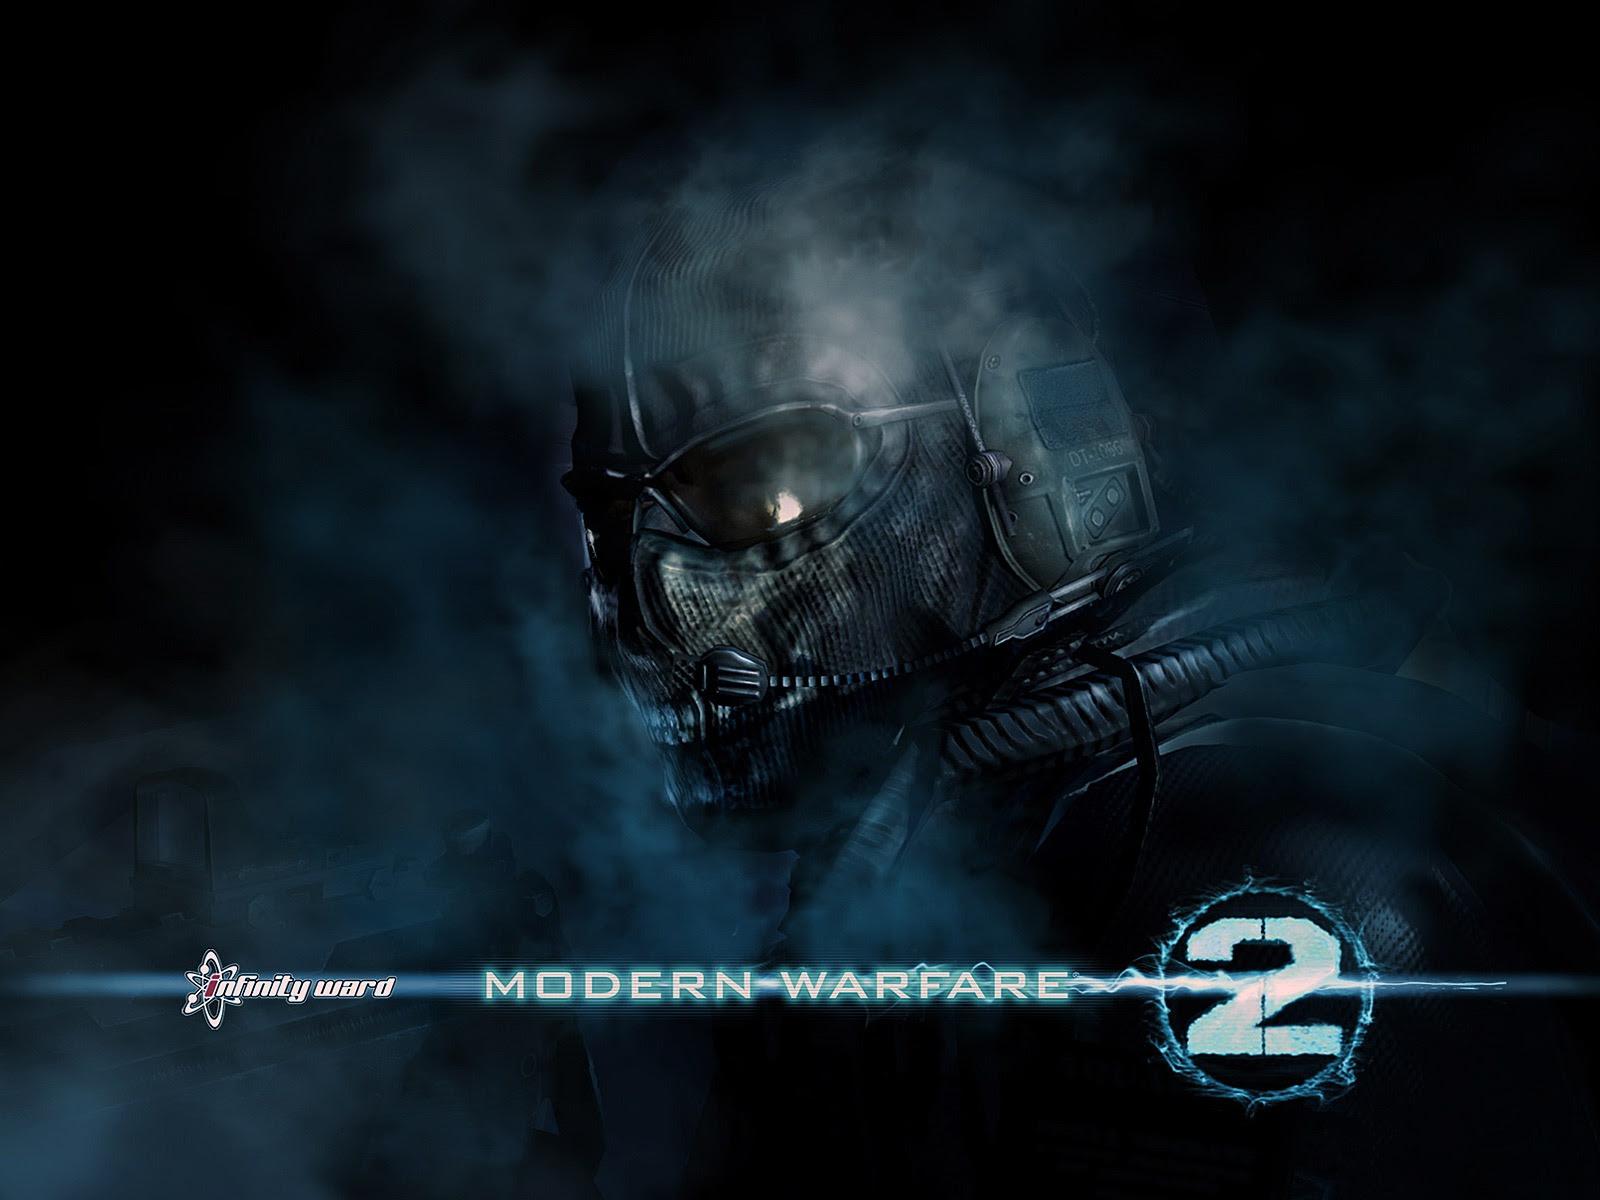 Cod Modern Warfare 2 Wallpaper 3d Characters 3d Wallpapers In Jpg